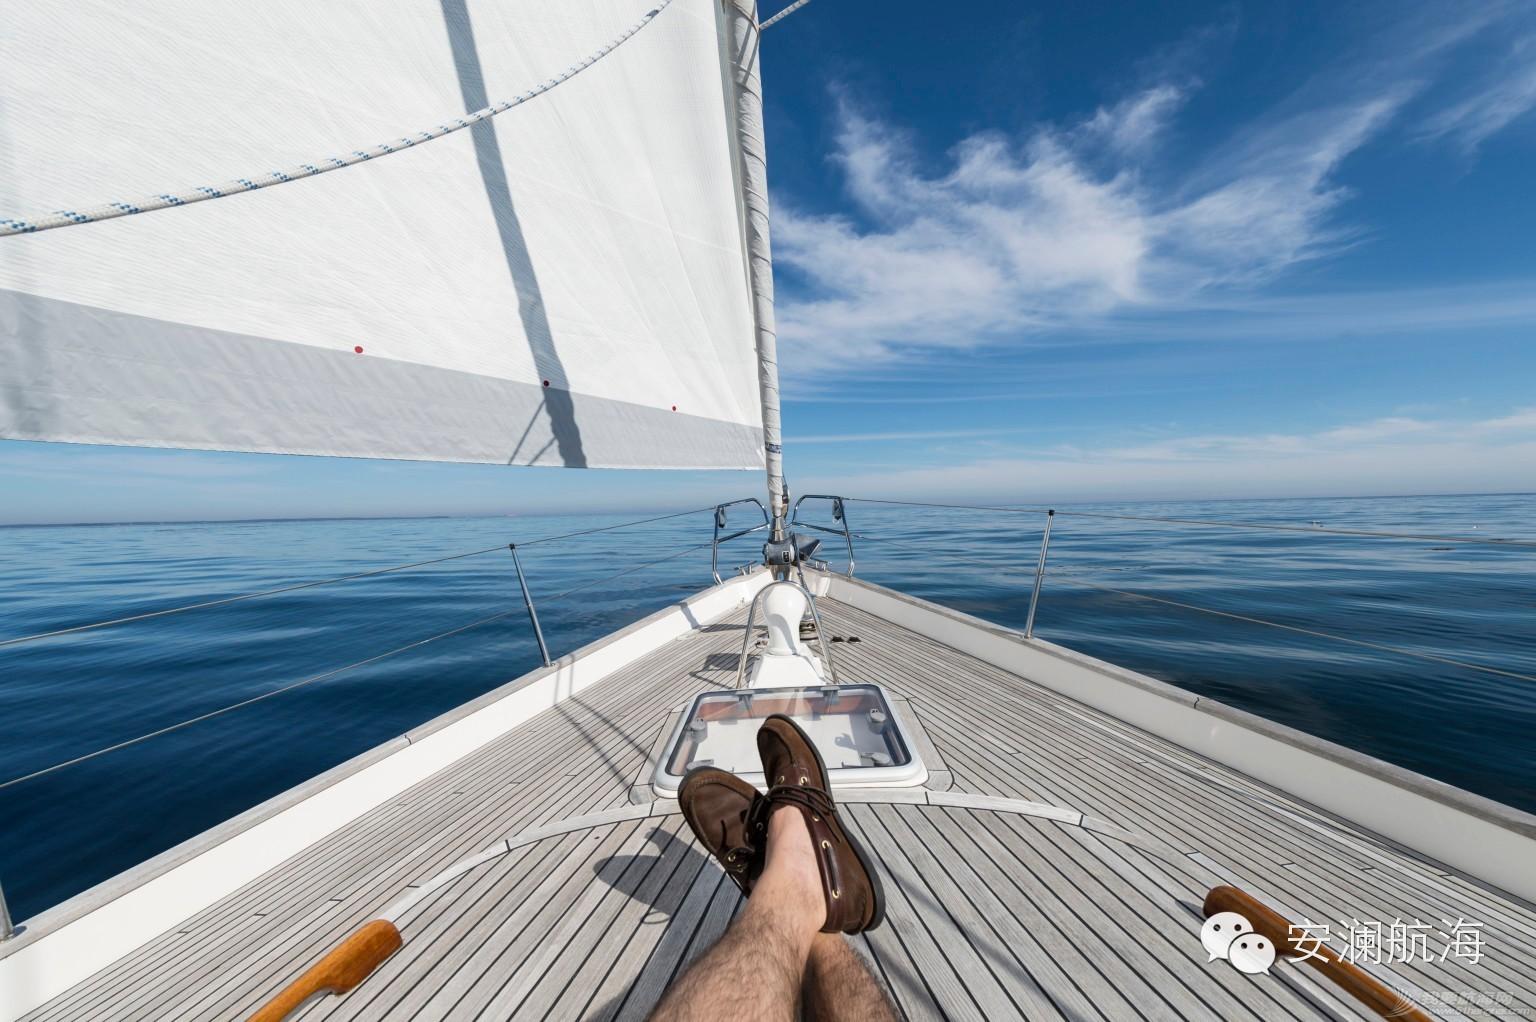 为什么帆船是最好的运动? f0ce1a4f5ca79130816b3e5a8d594d24.jpg